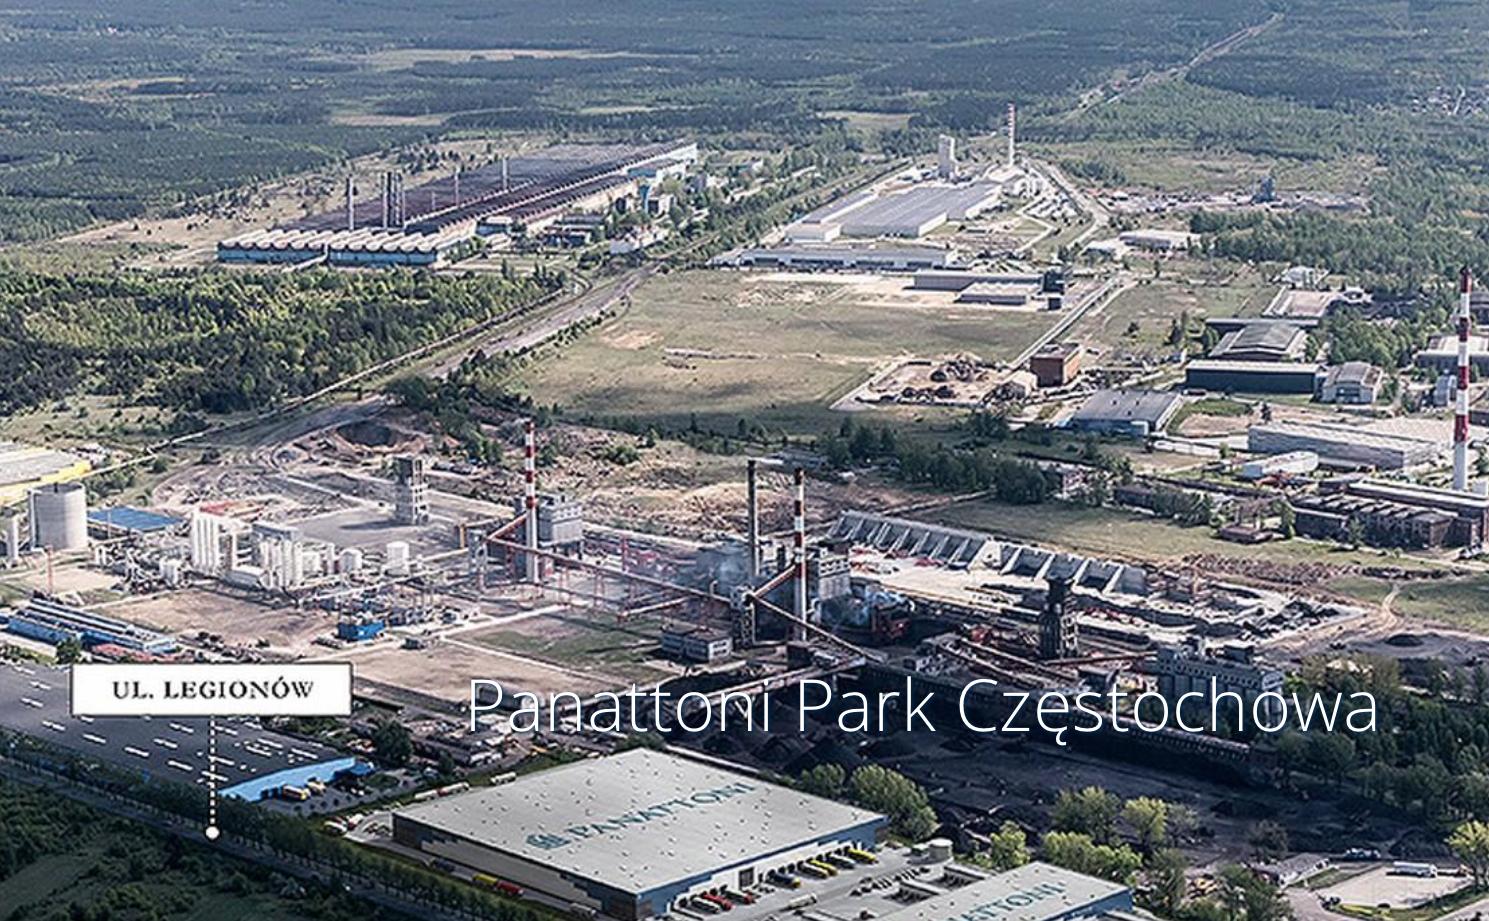 Panattoni Park Częstochowa